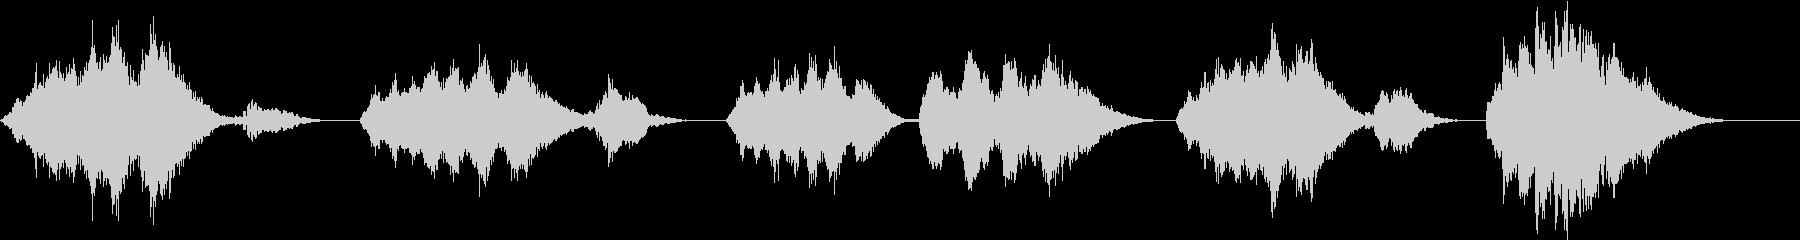 きらきら星 現代ジャズ風 ストリングスの未再生の波形